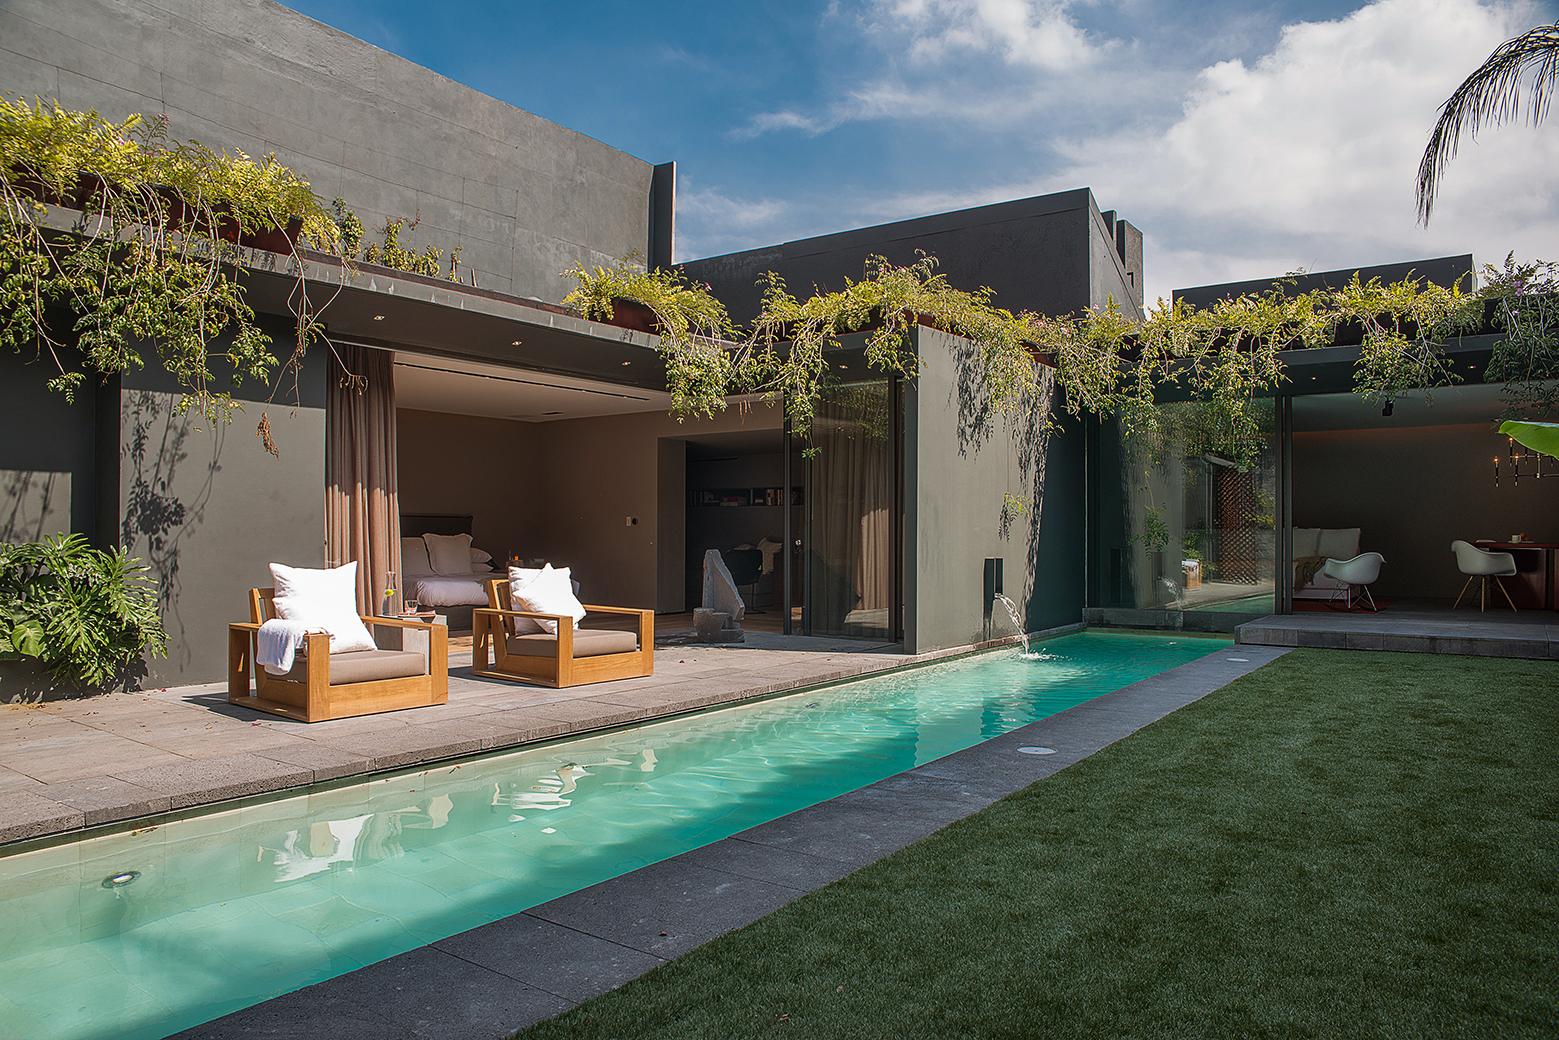 Barrancas-House-In-Mexico-City-Mexico-22 nowoczesna-willa-rezydencja-projekty-3